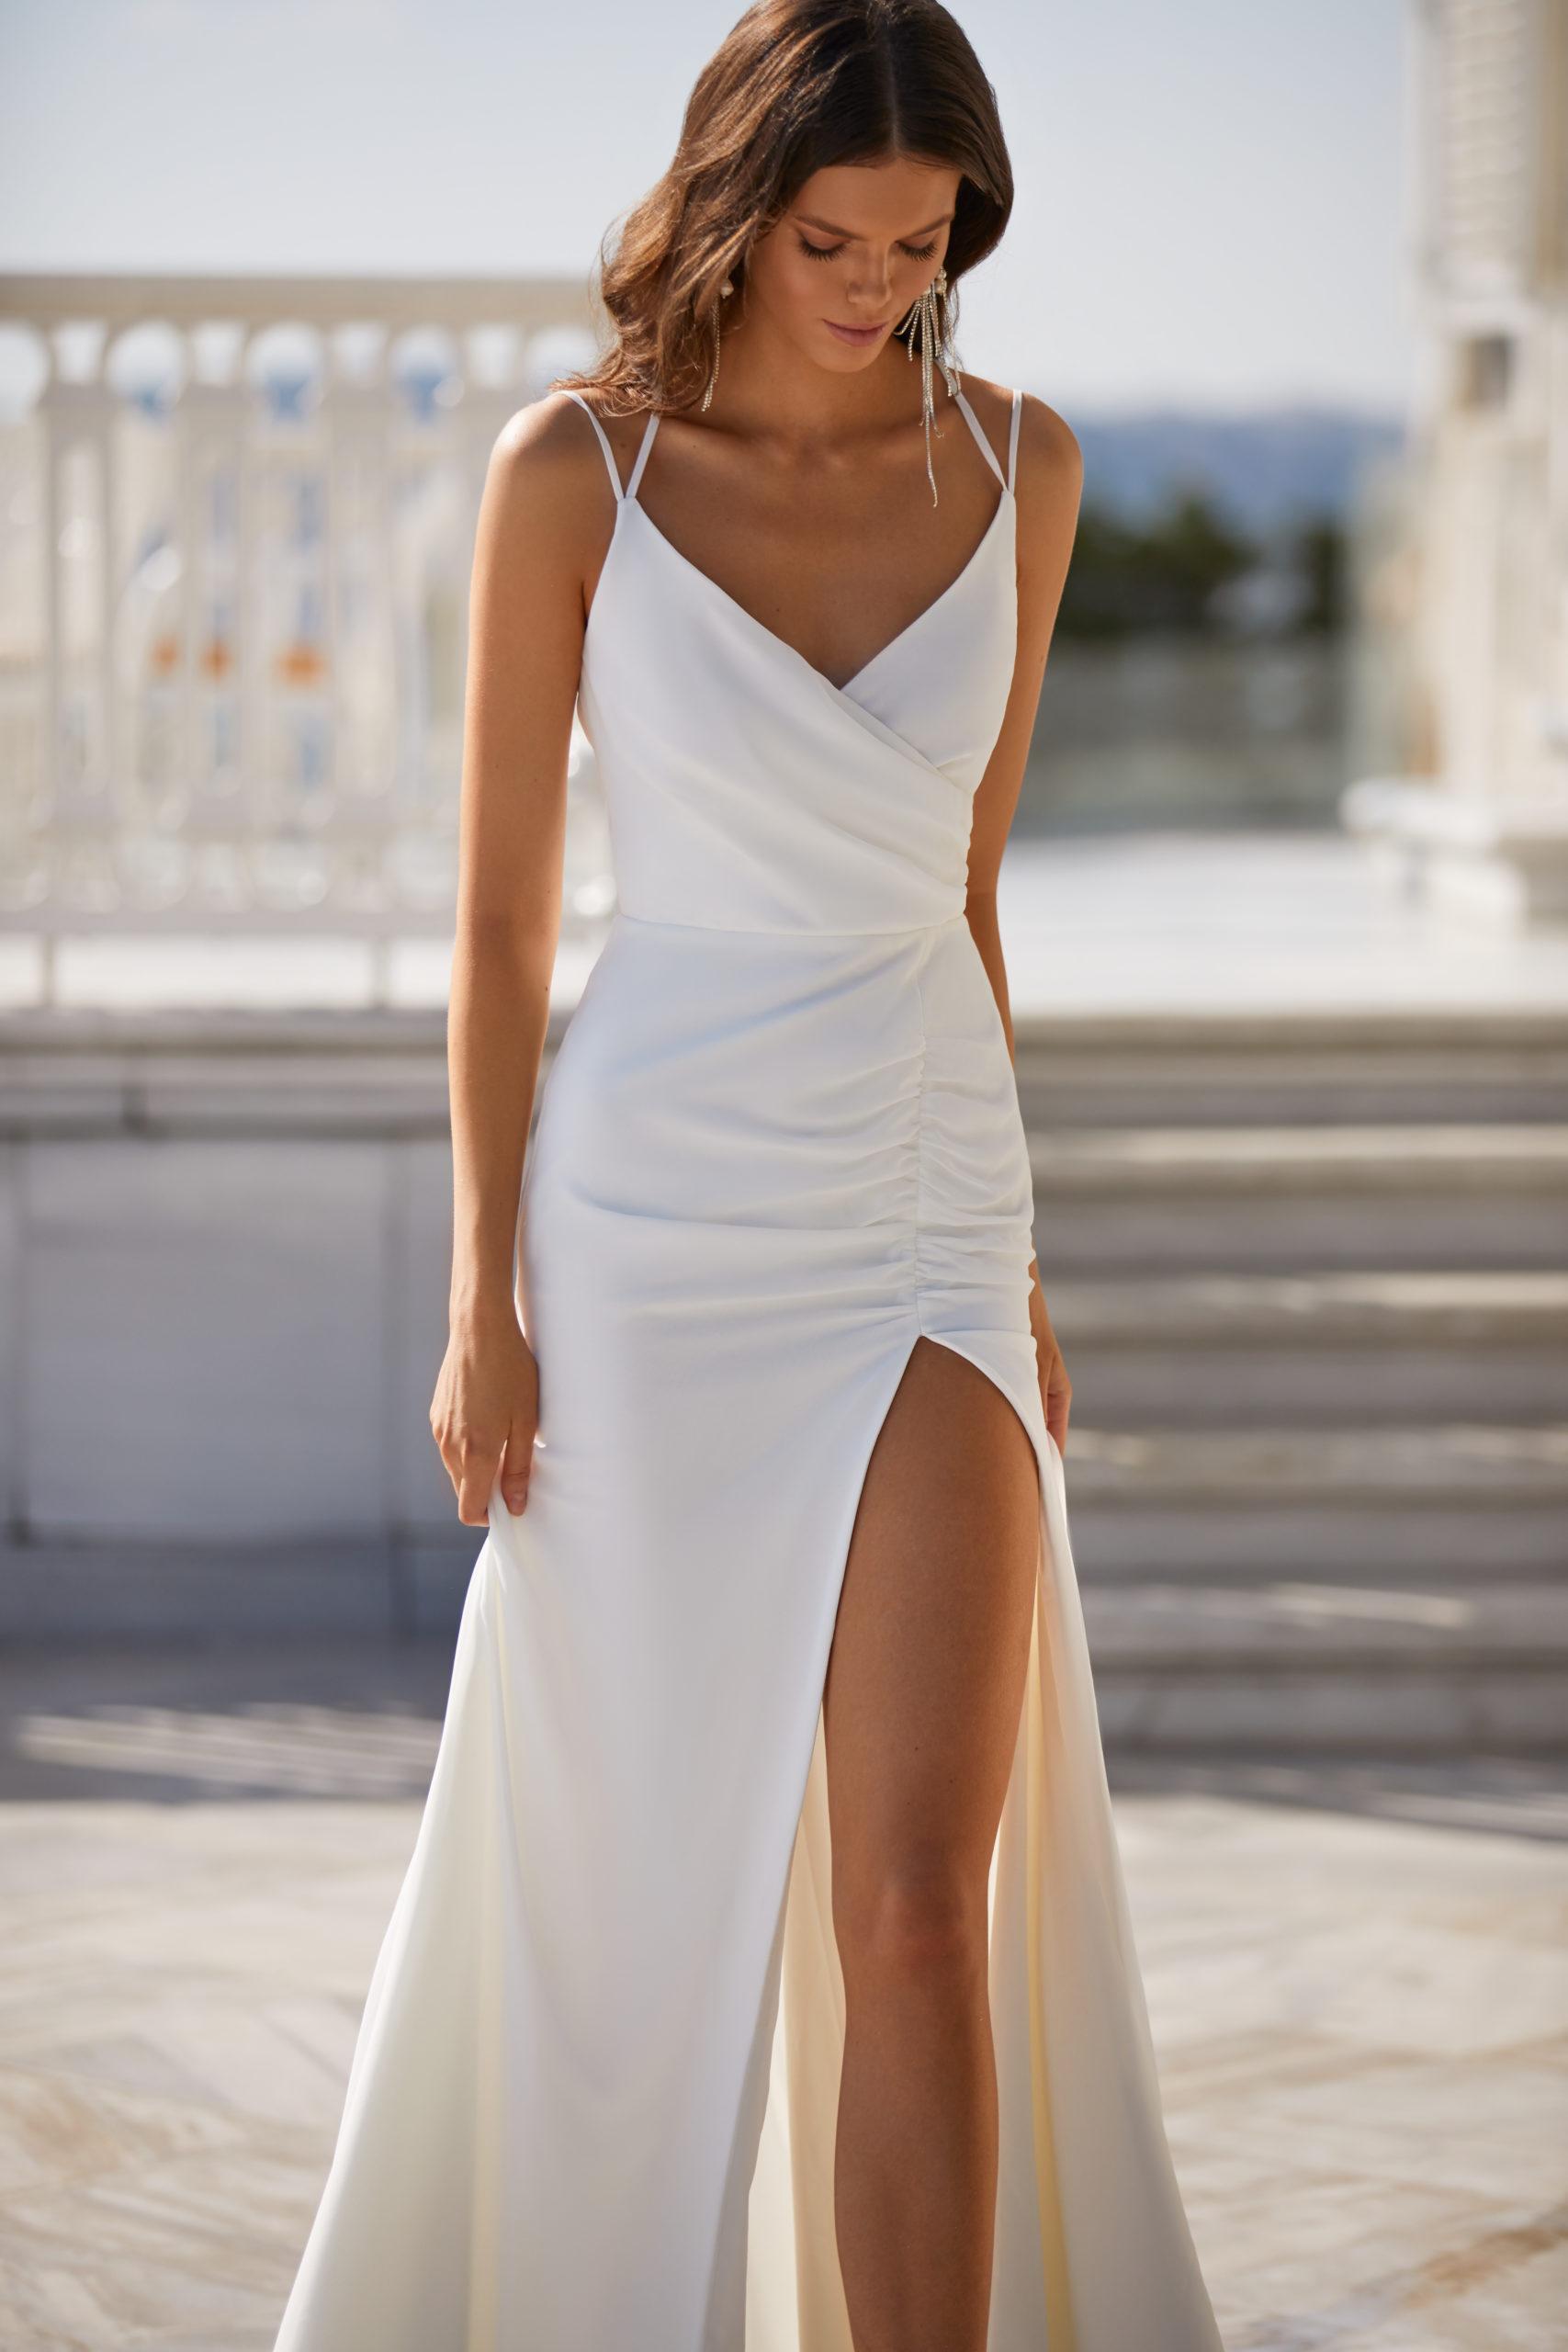 Sublimes robes de mariée à Genève civil fendue sexy satin bretelles sans manches drapée tendance moderne conseil pas cher petit budget tendance nouvelle collection